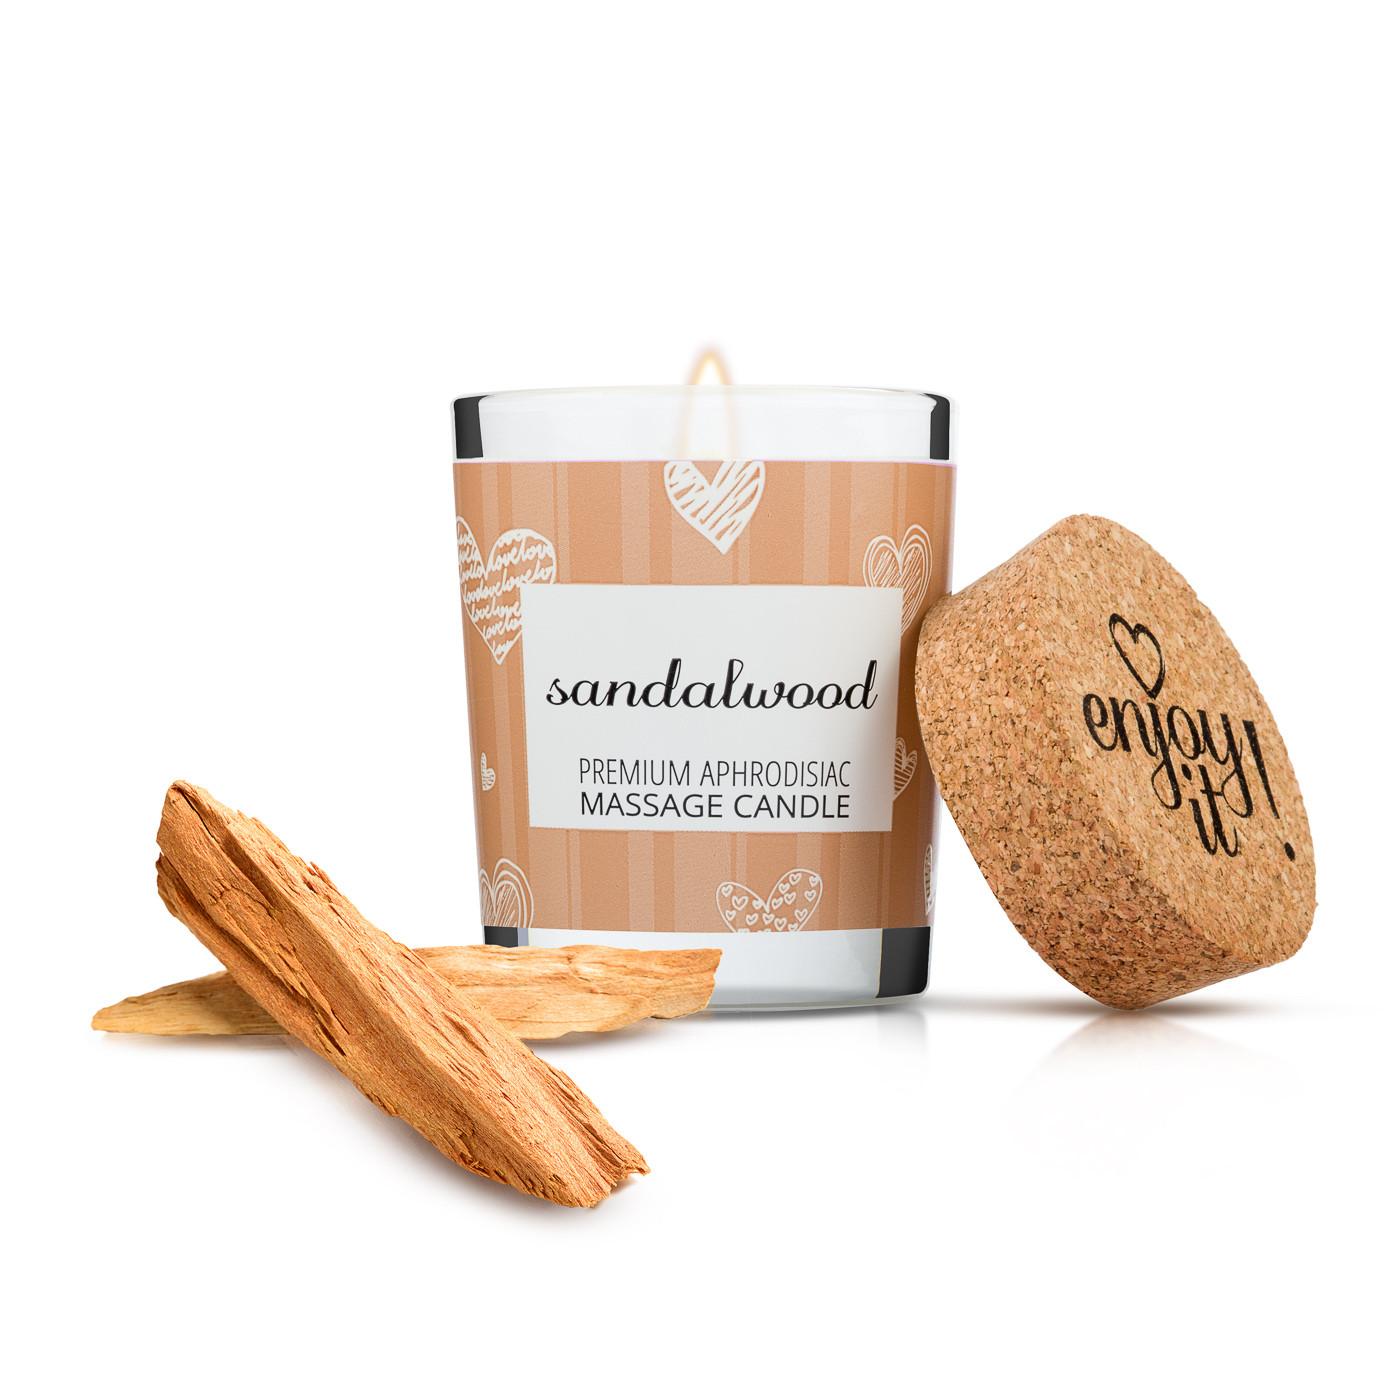 Masážní svíčka na tělo Enjoy it! Sandalwood - Magnetifico